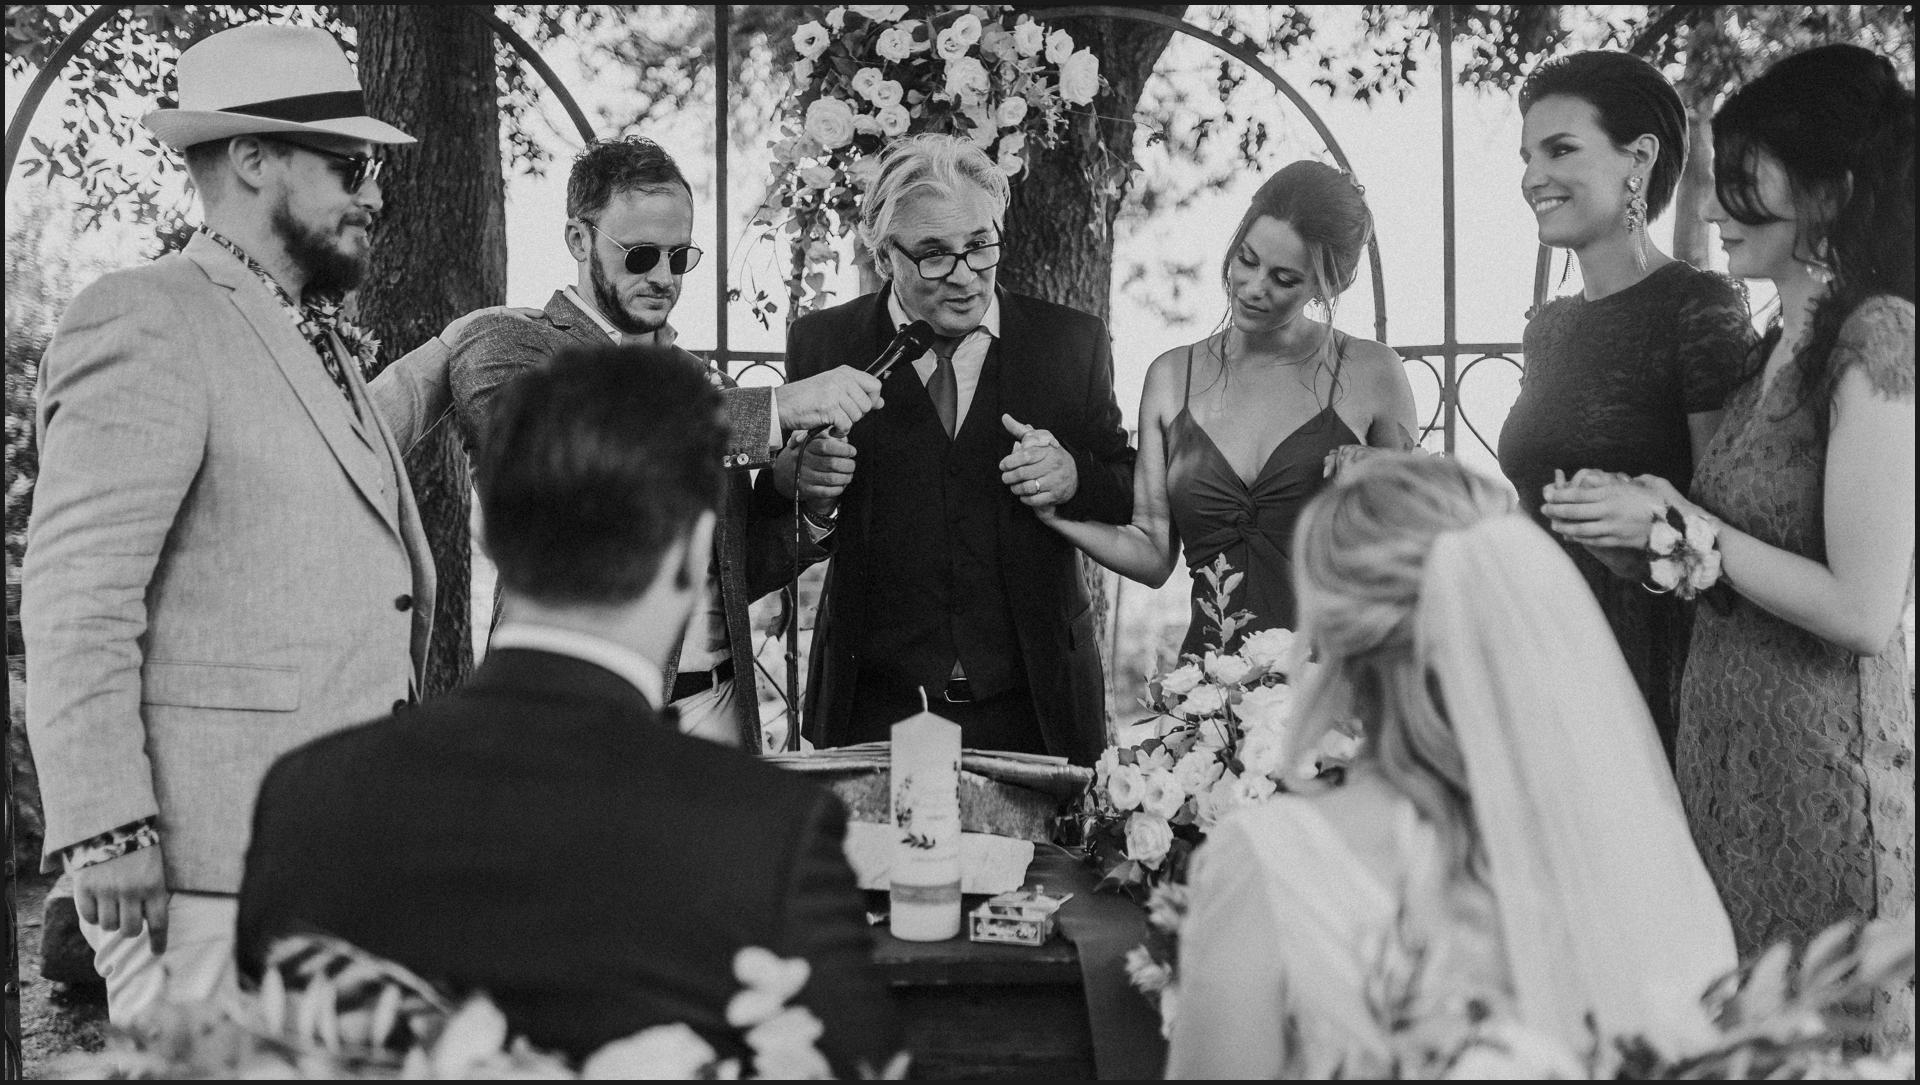 black and white, borgo di tragliata, wedding, rome, wedding in rome, bride groom, ceremony, wedding celebrant